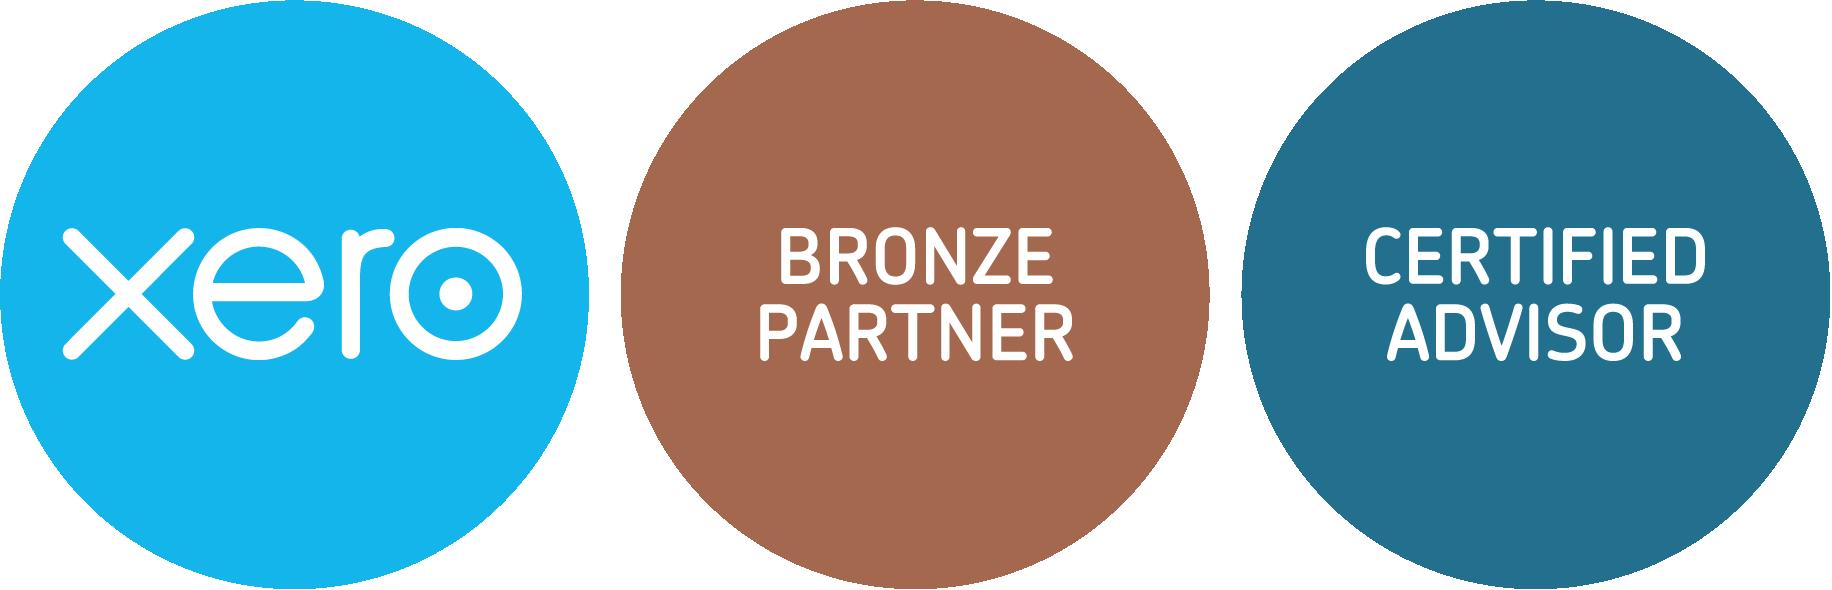 Indigo Accounts Certified Xero Partner in Fareham